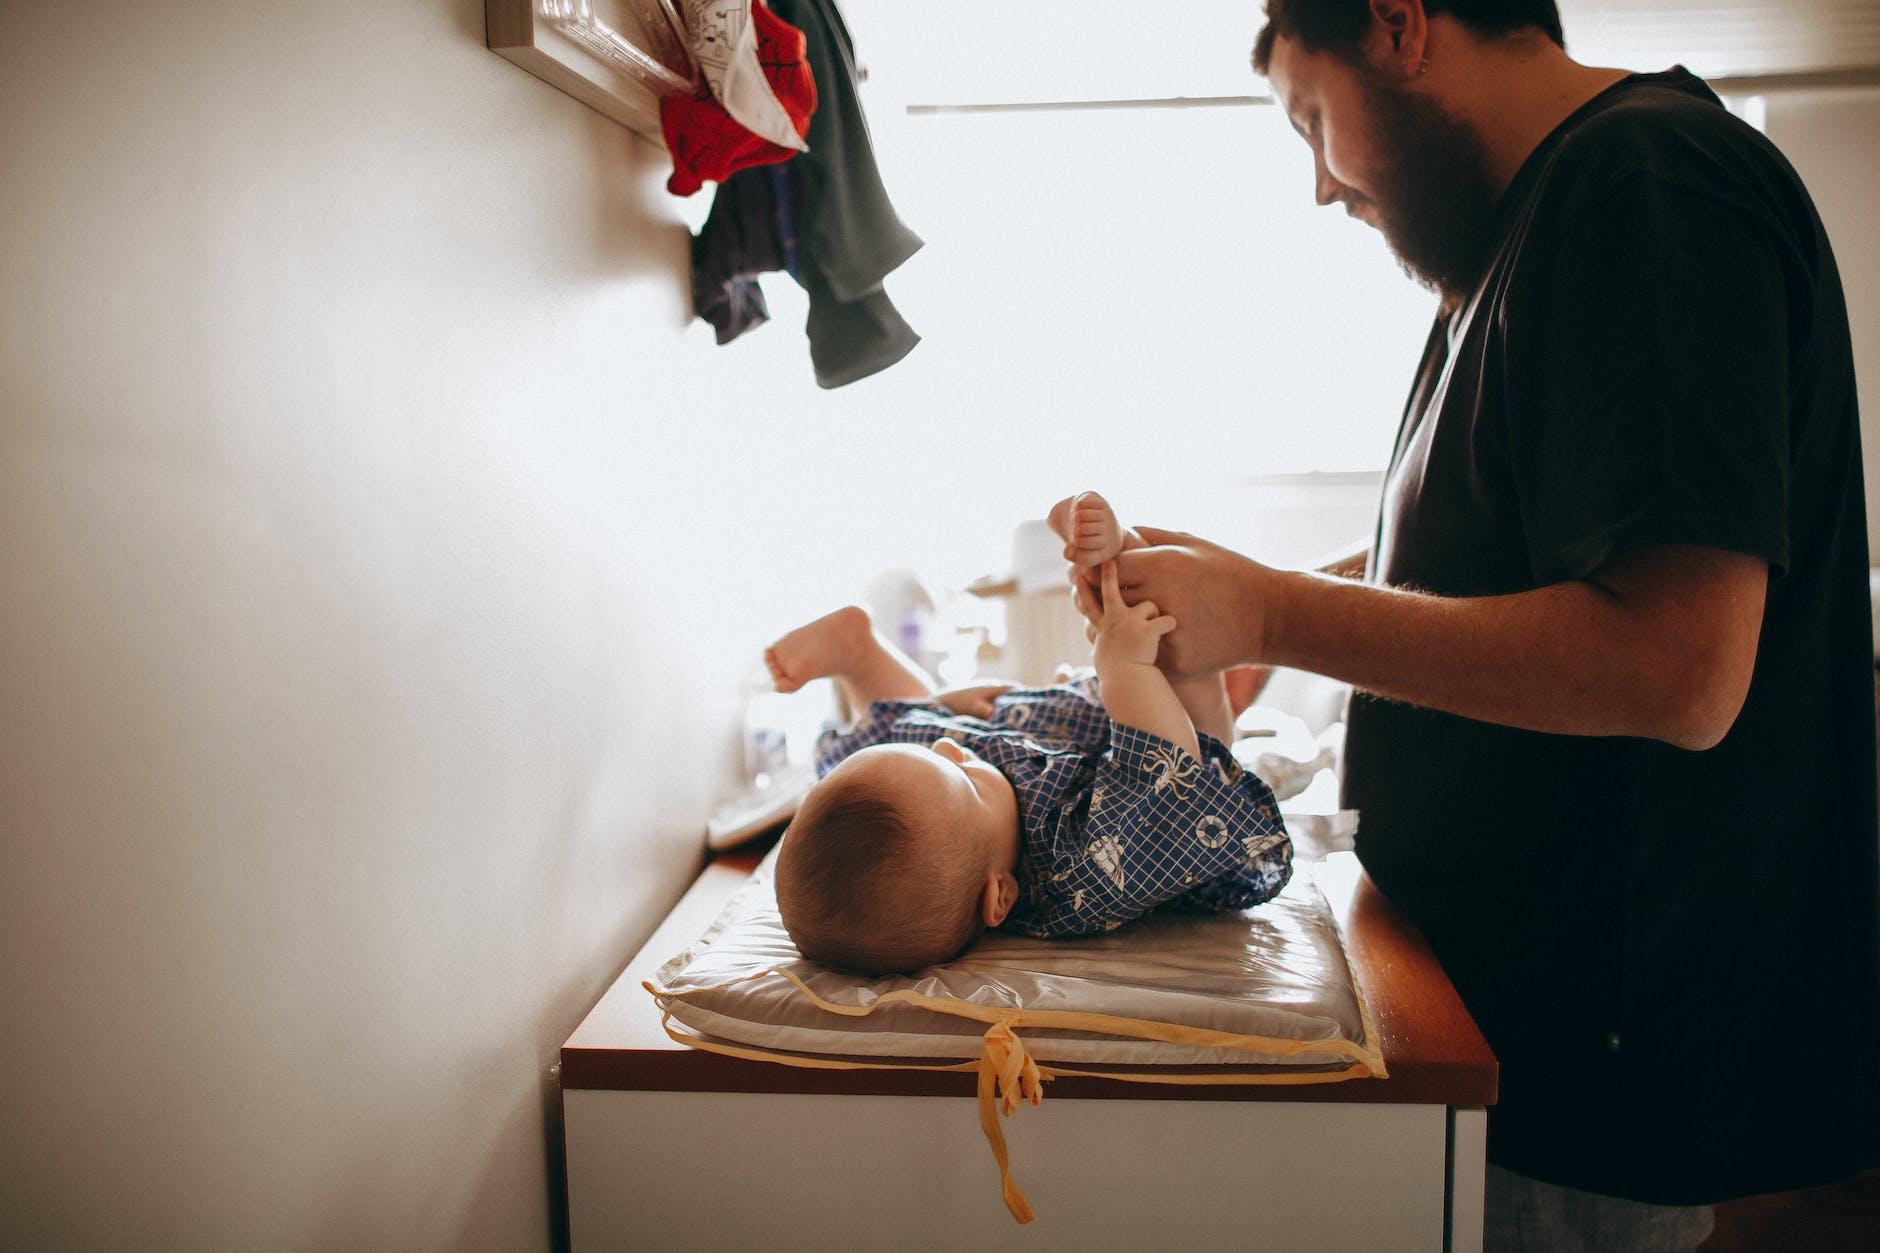 Pai coloca fralda em criança pequena. Desfralde. Imagem Ilustrativa.